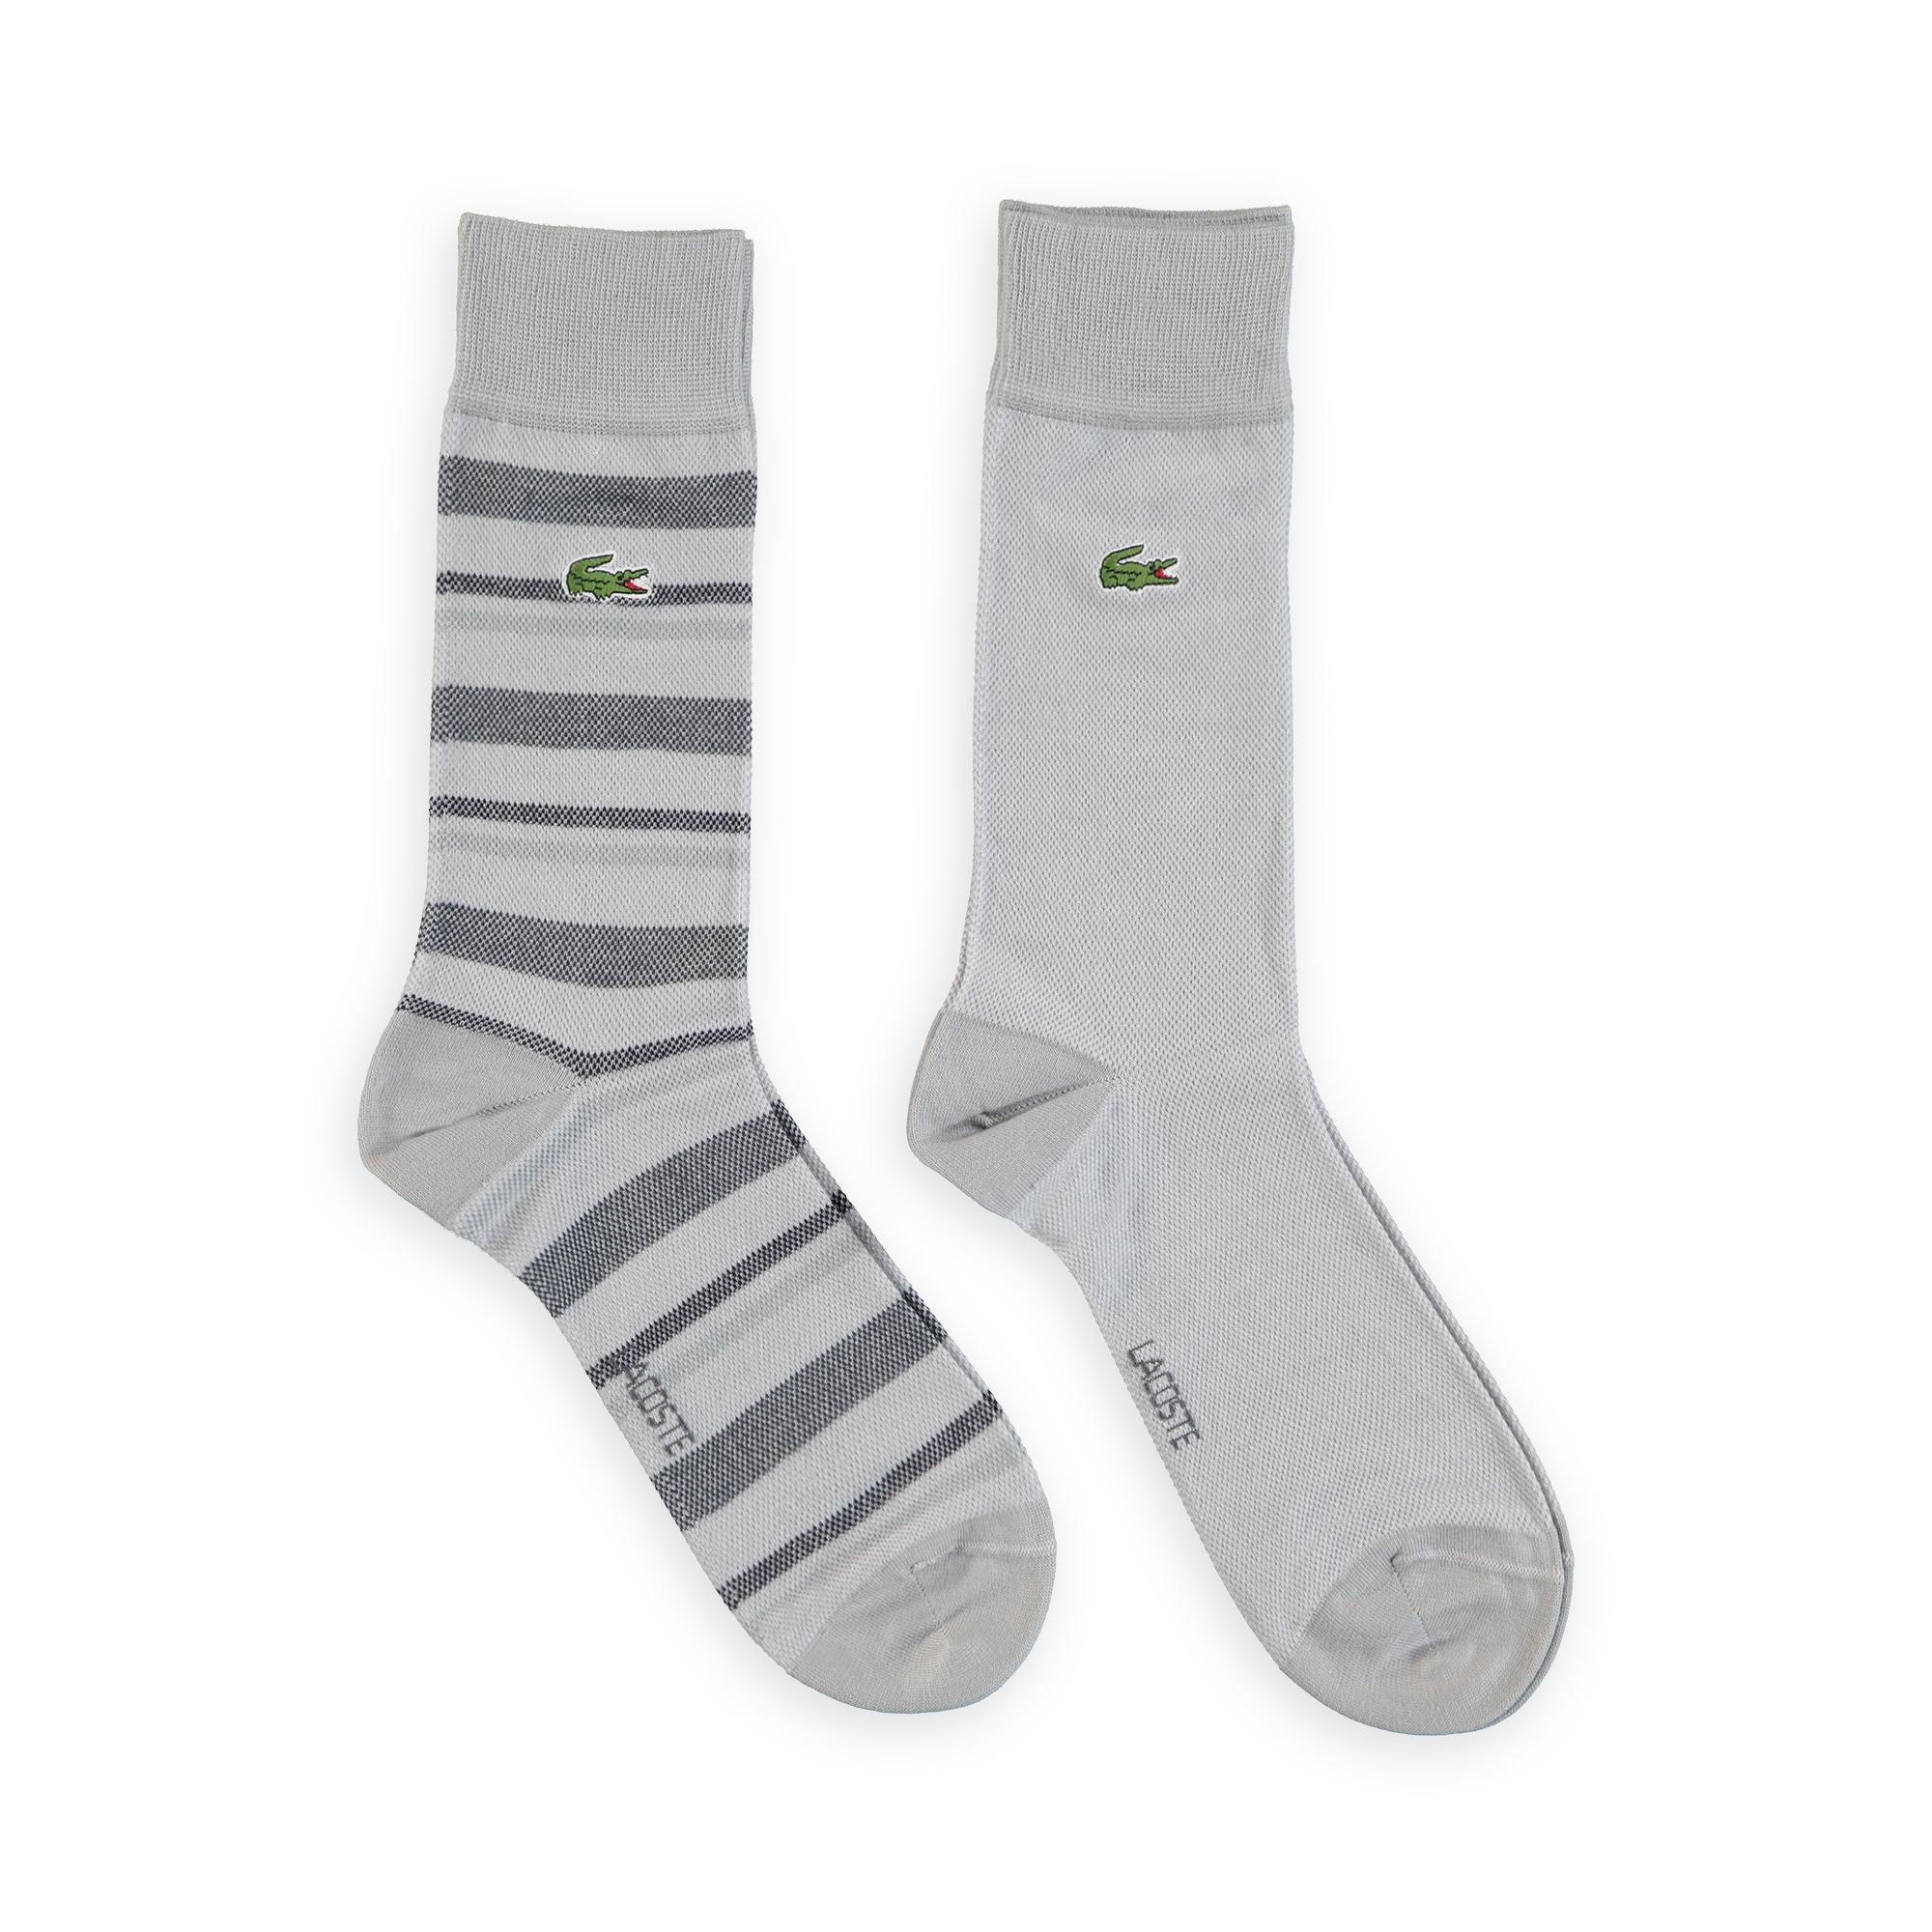 Lacoste шкарпетки чоловічі 2 шт. уп.